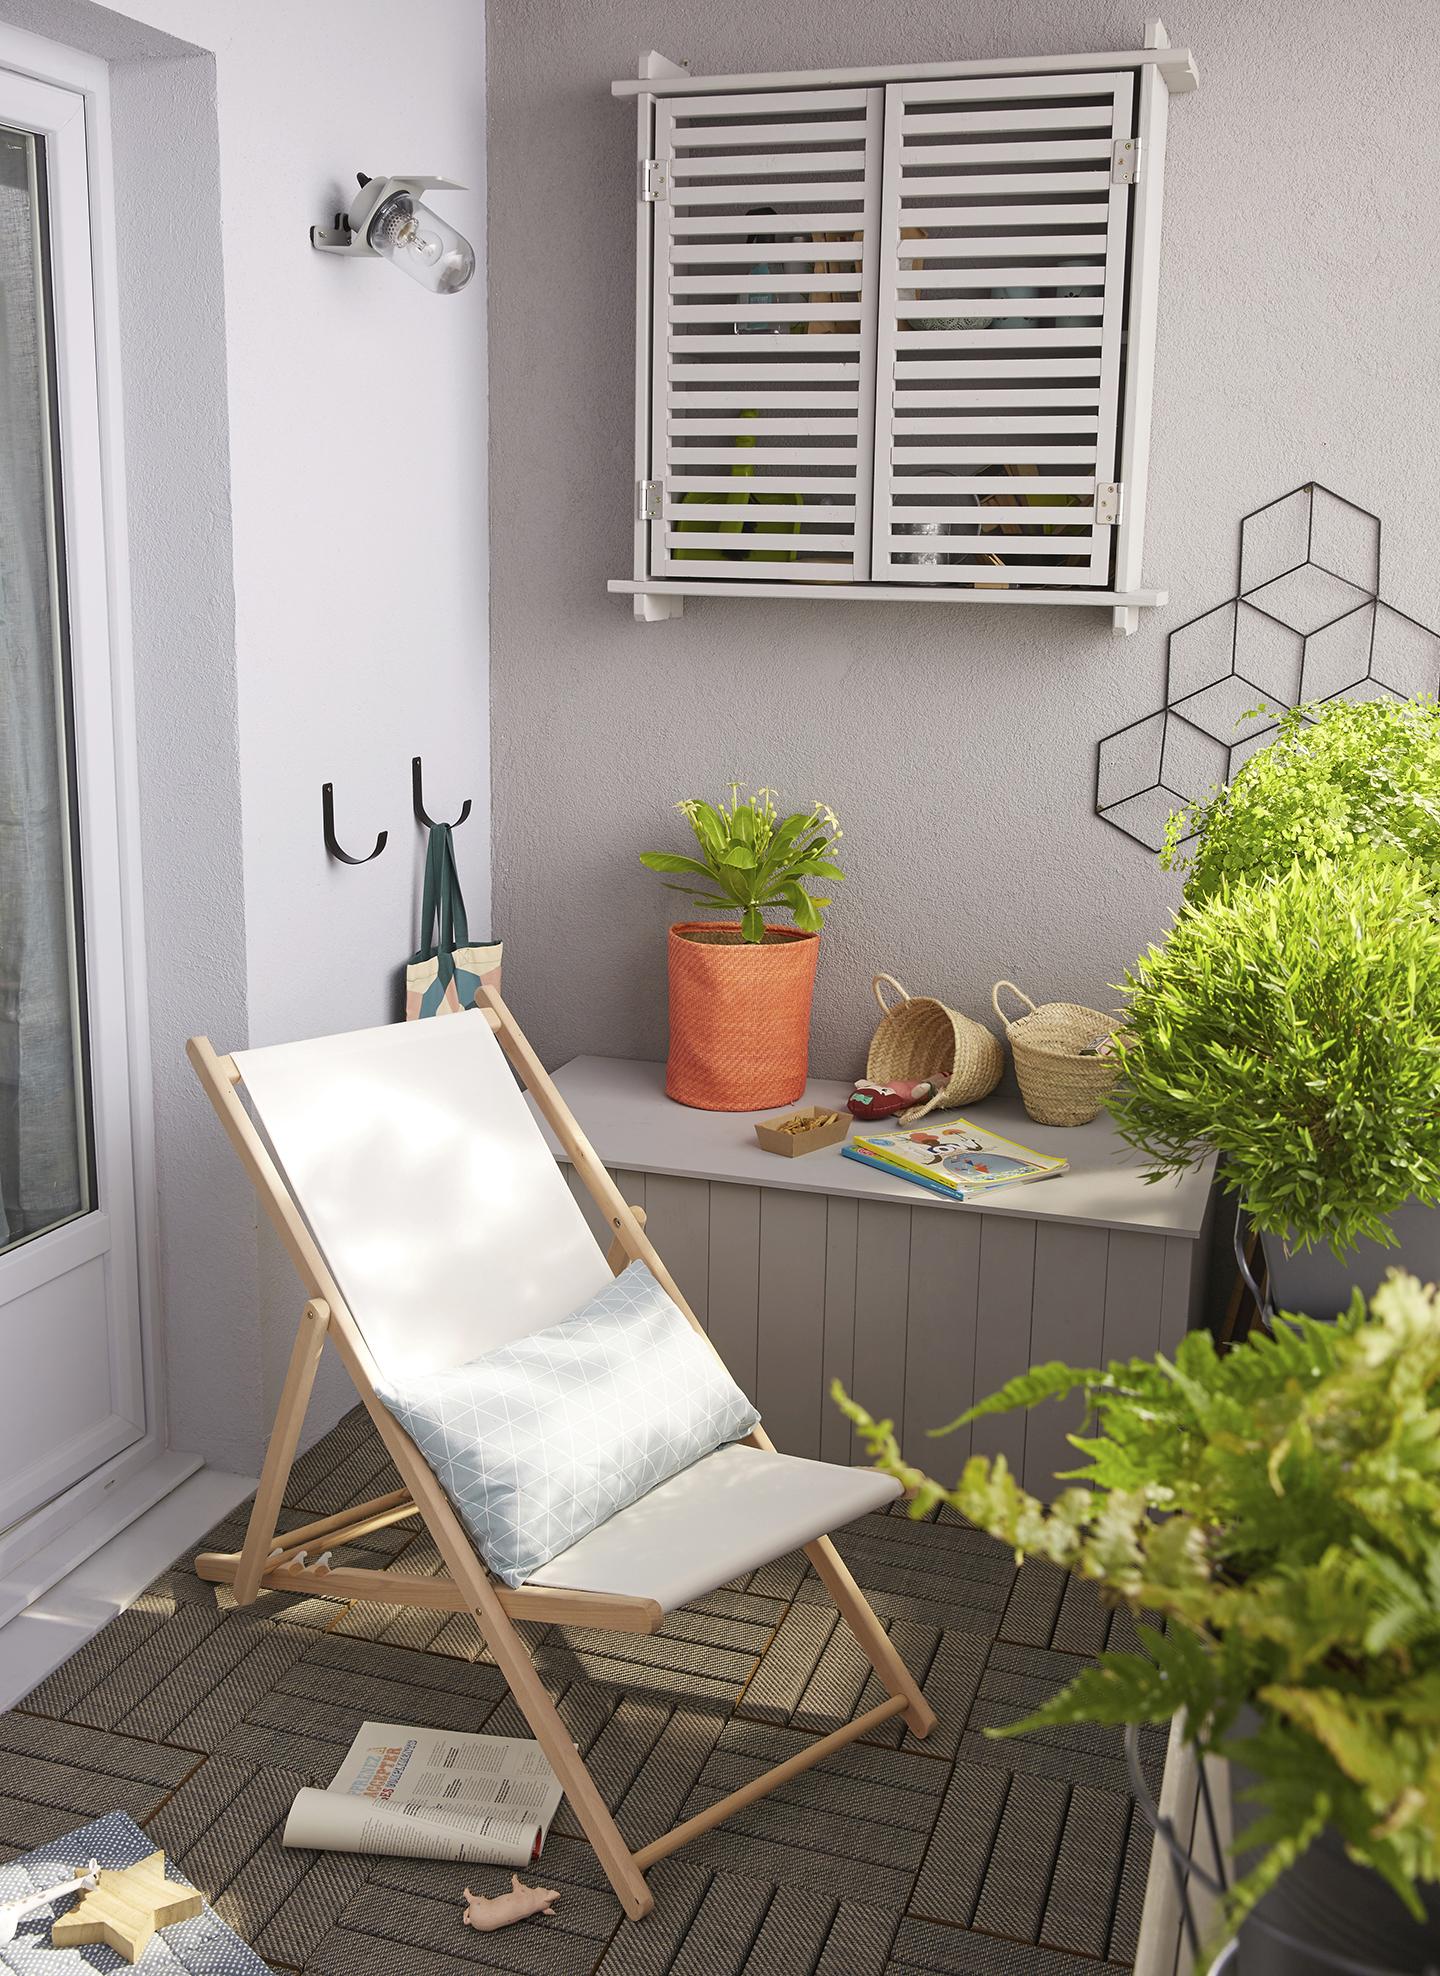 personnaliser votre balcon en ville